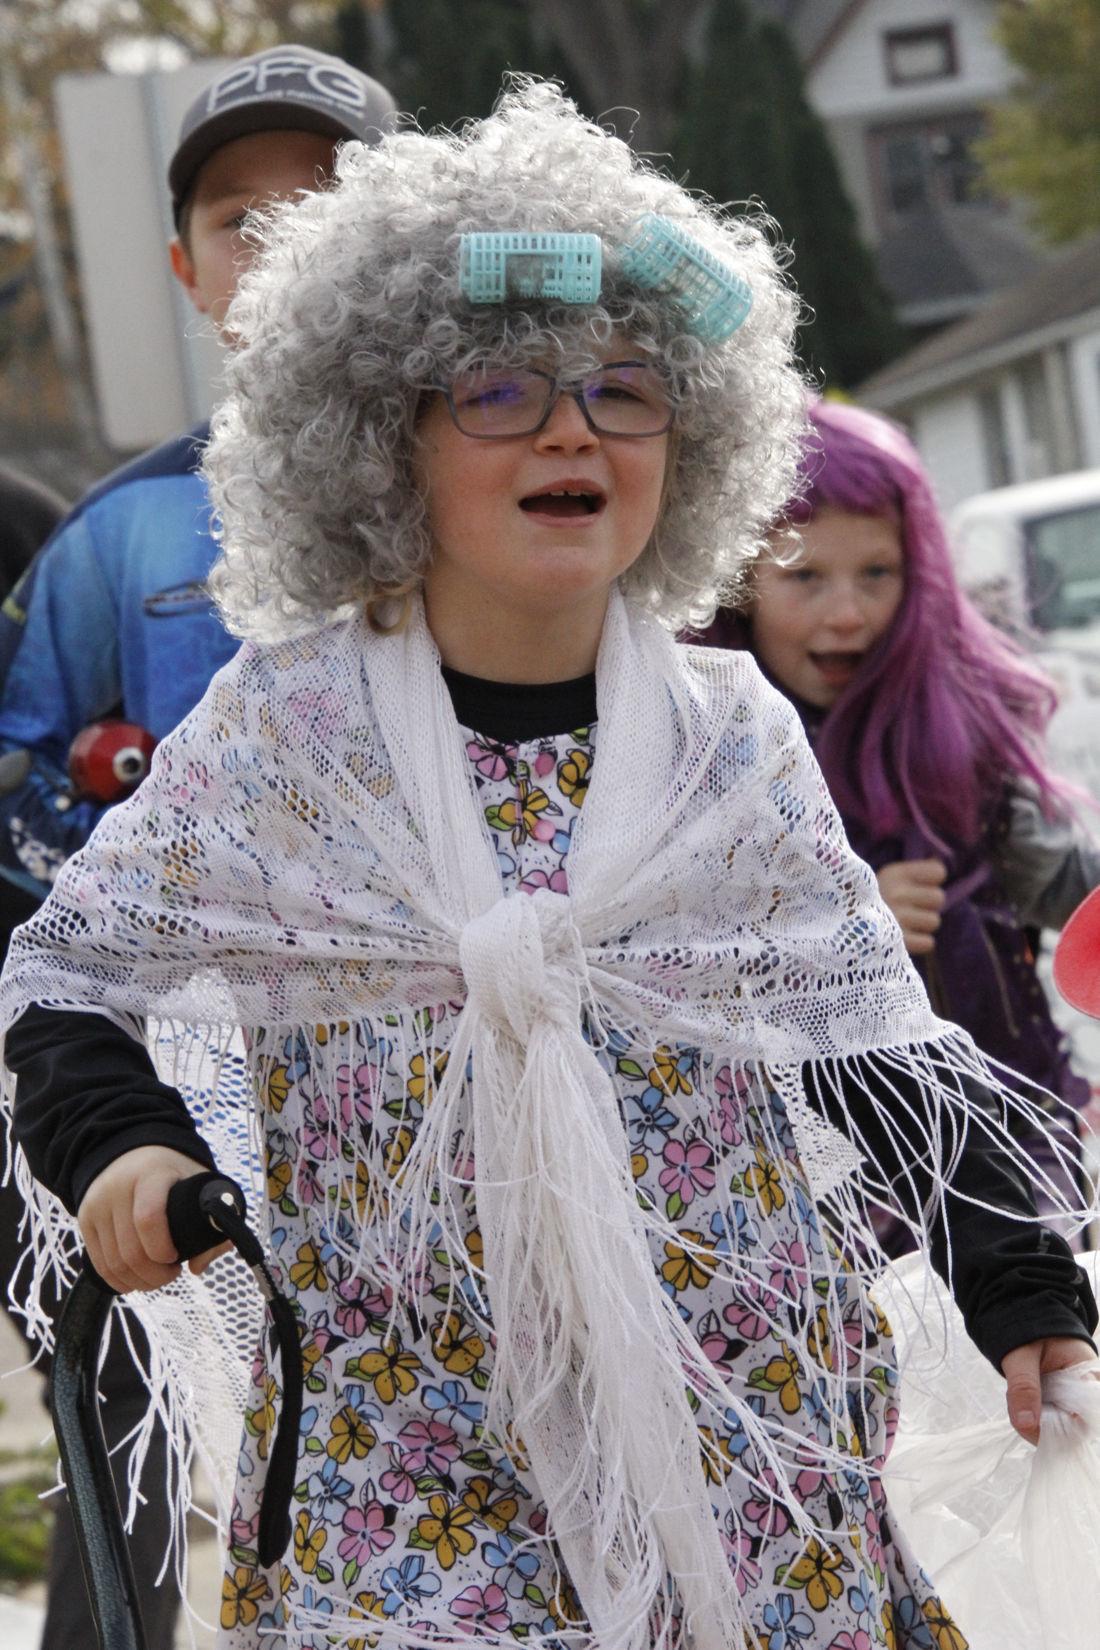 Cambridge Halloween Parade